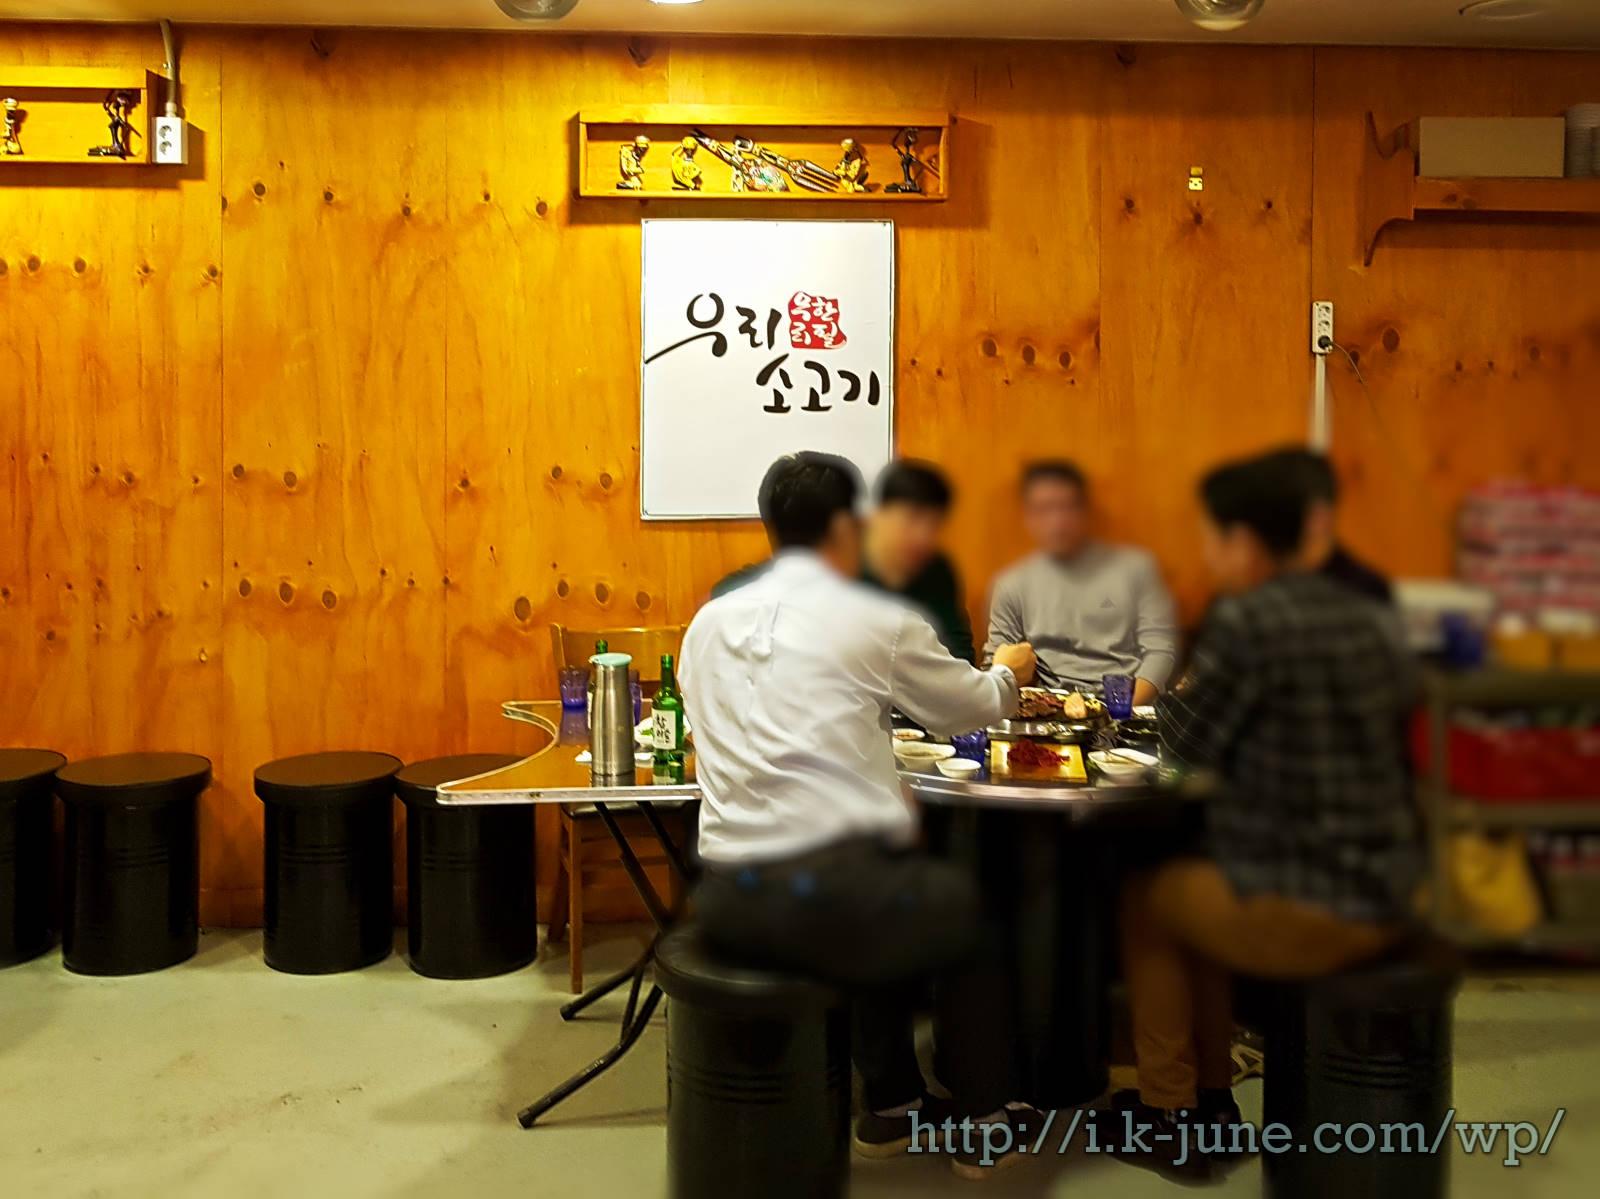 벽에는 우리 무한리필 소고기 하얀색 간판이 있고 테이블에 남자 5명이 앉아 있다.